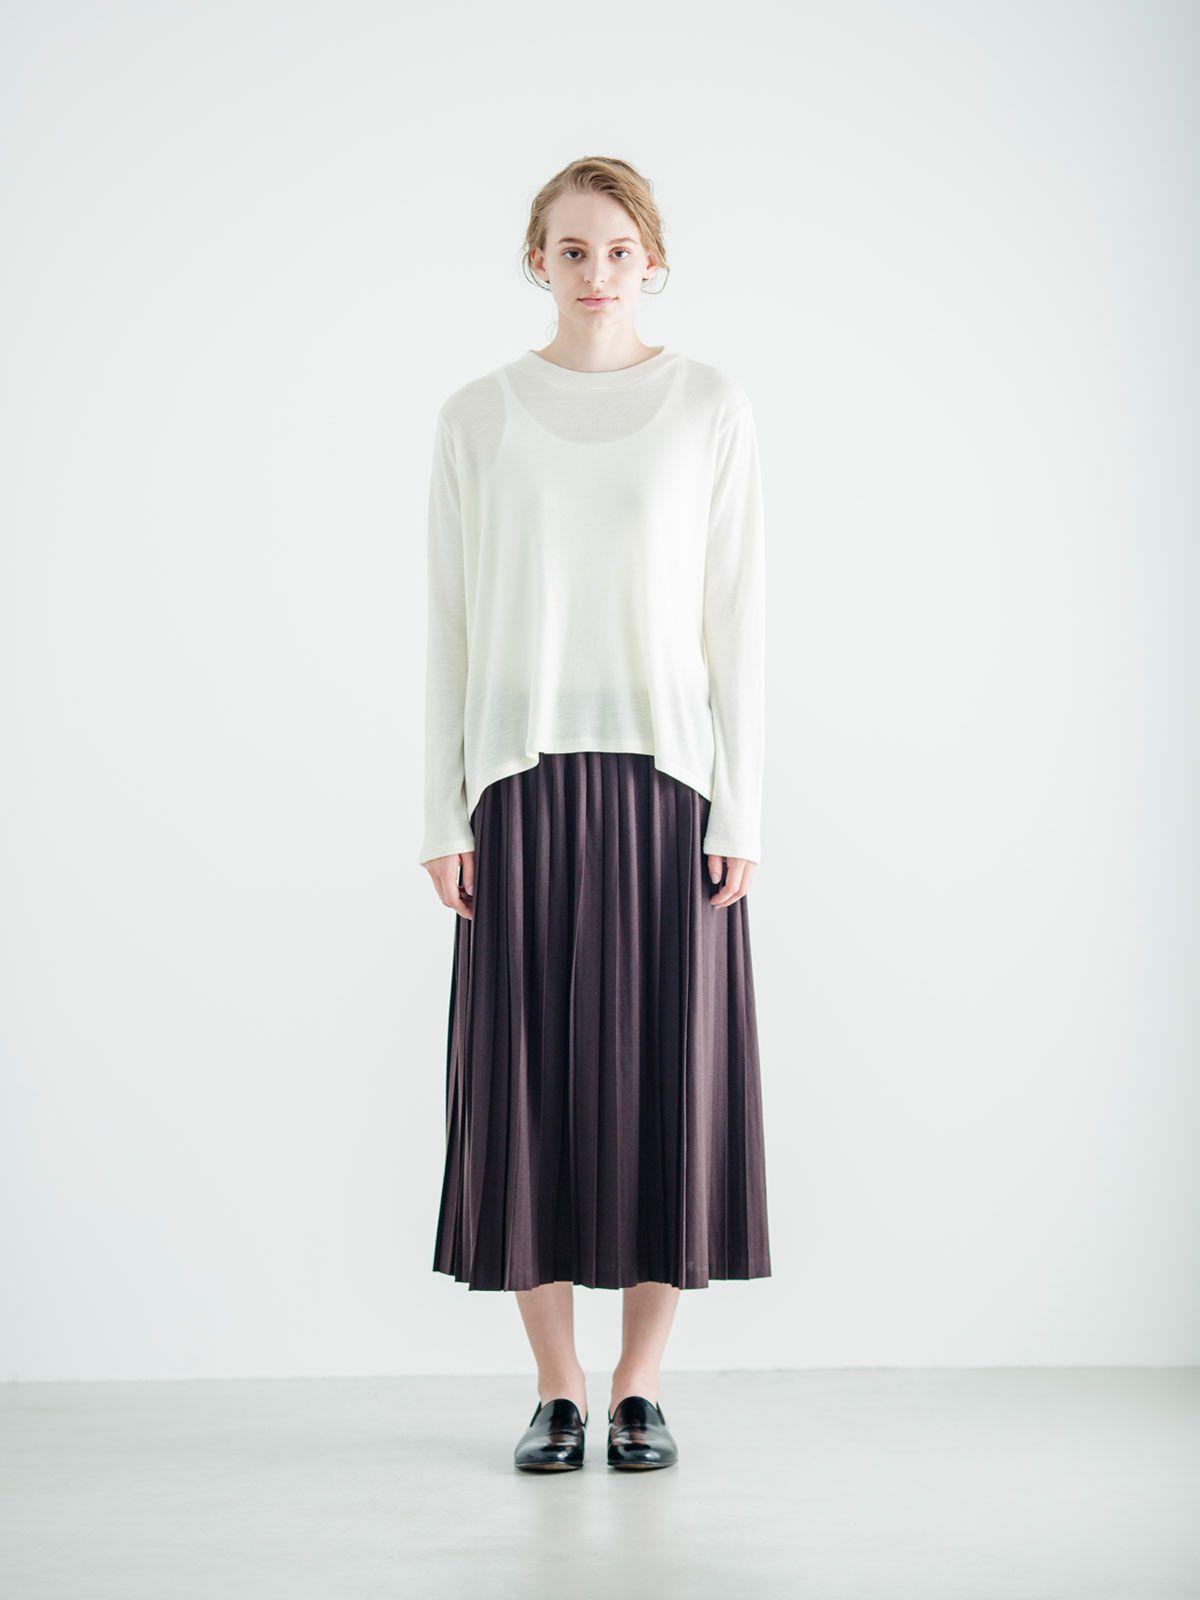 ショートハイネックフレアTシャツ   /  off white